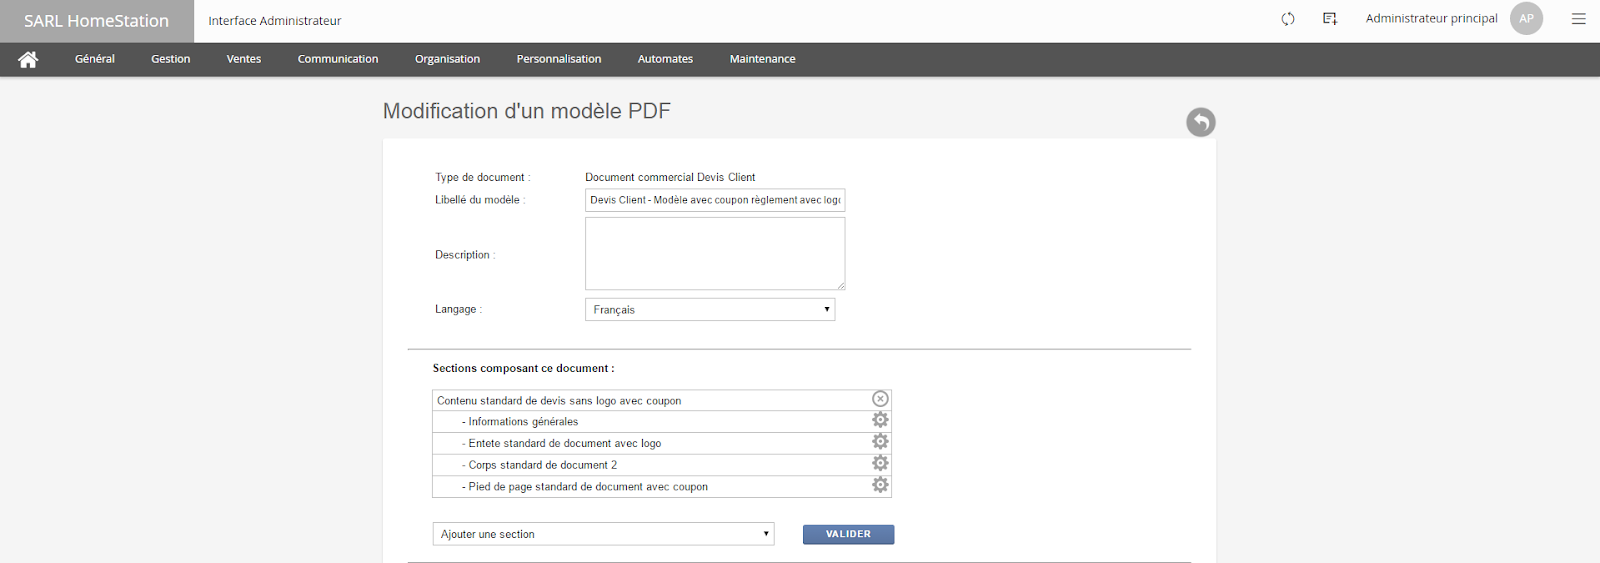 modélisation d'un modèle PDF.png